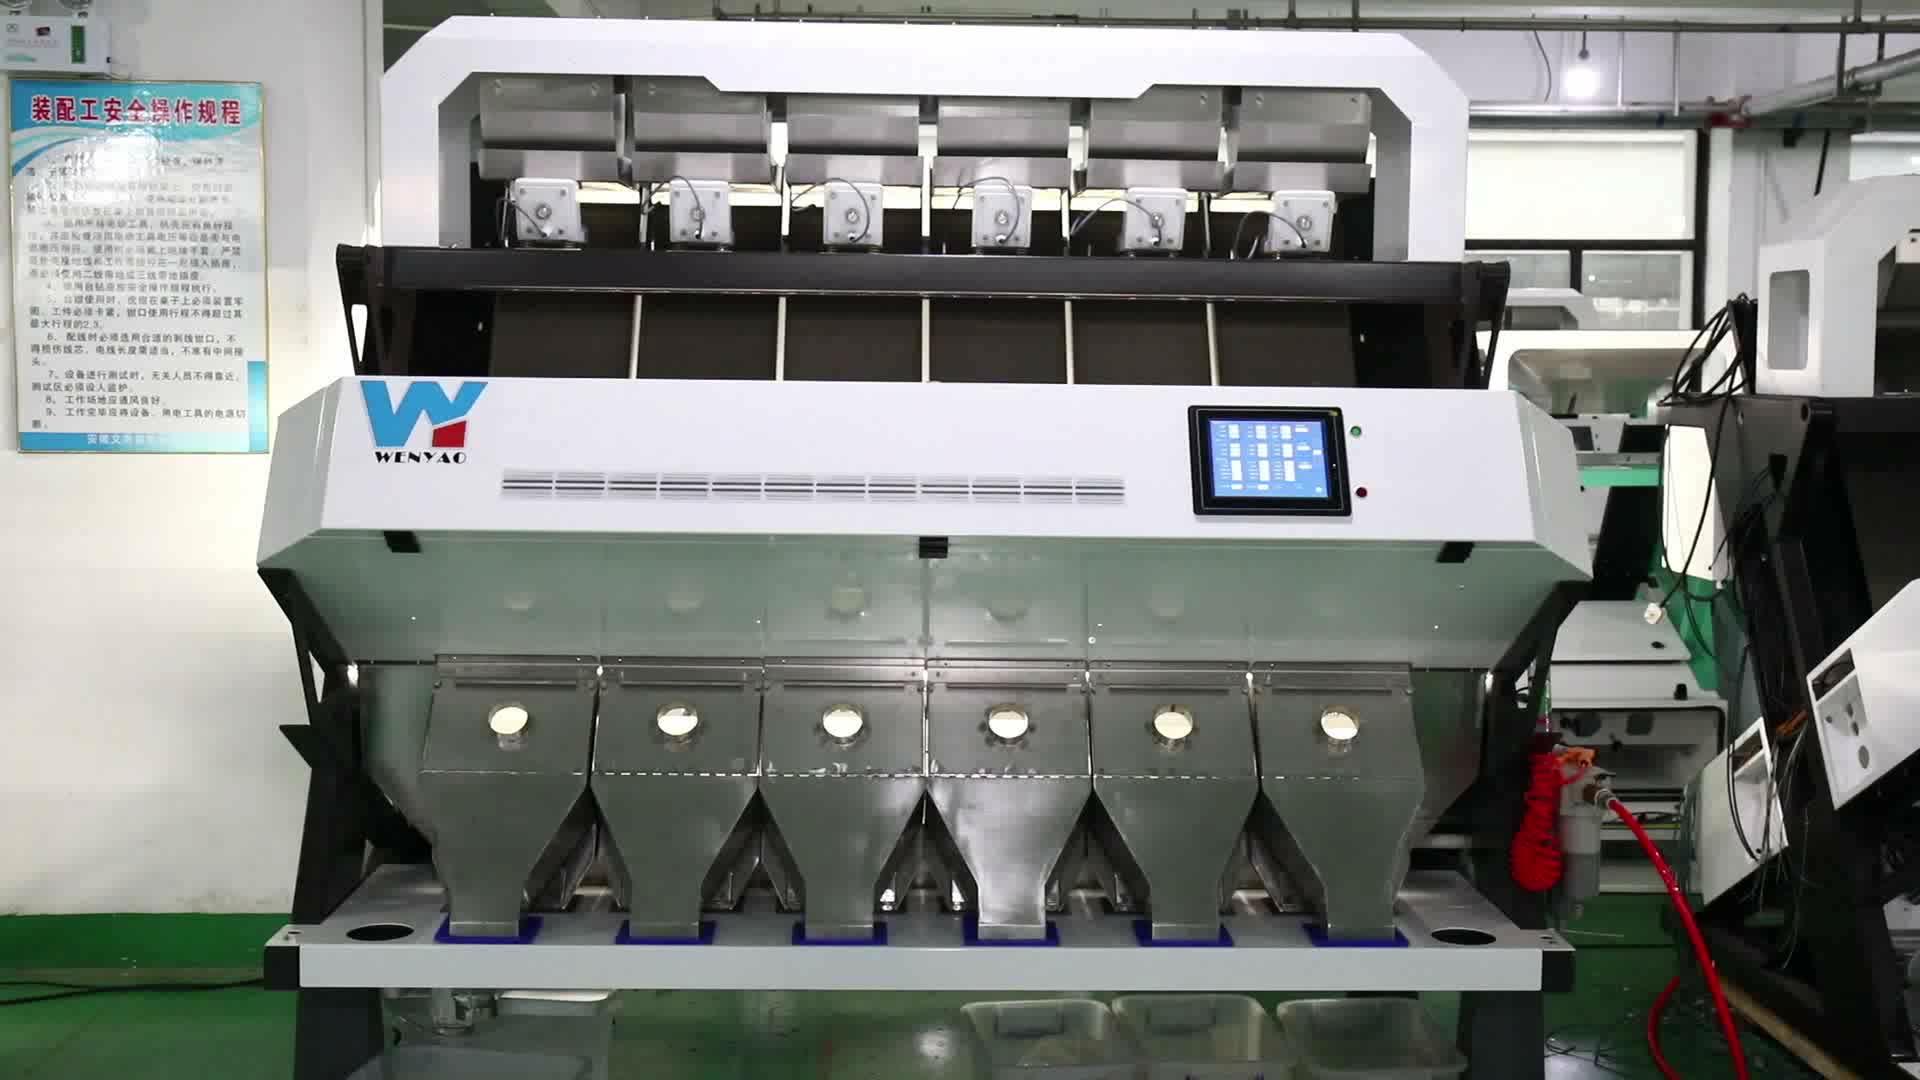 पाकिस्तान थाईलैंड नाइजीरिया Parboiled चावल रंग छँटाई मशीन चिपचिपा चावल रंग सॉर्टर प्रसंस्करण मशीन सफाई मशीन